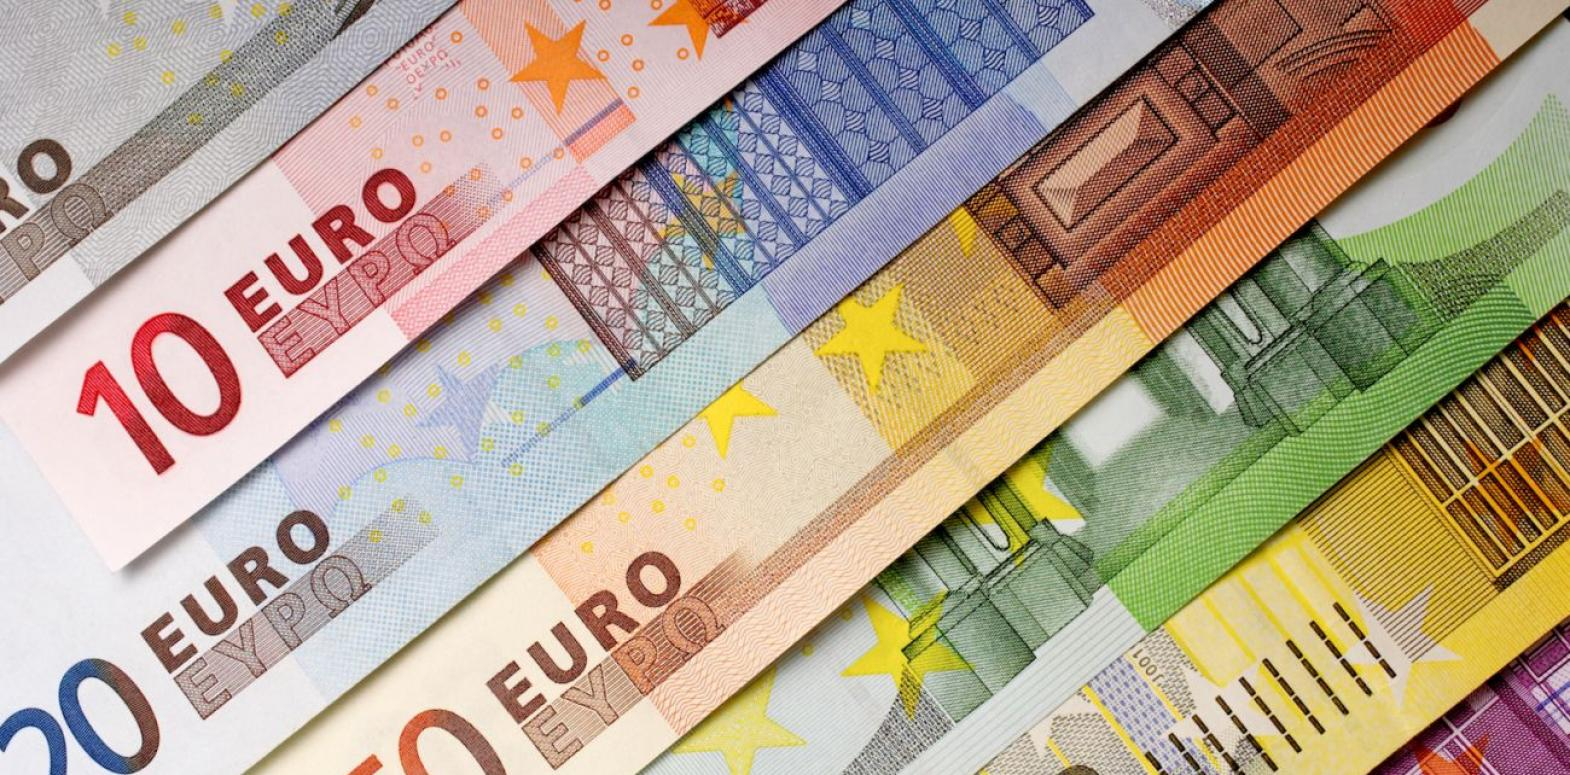 Курс евро вырос до максимума с февраля 2018 года